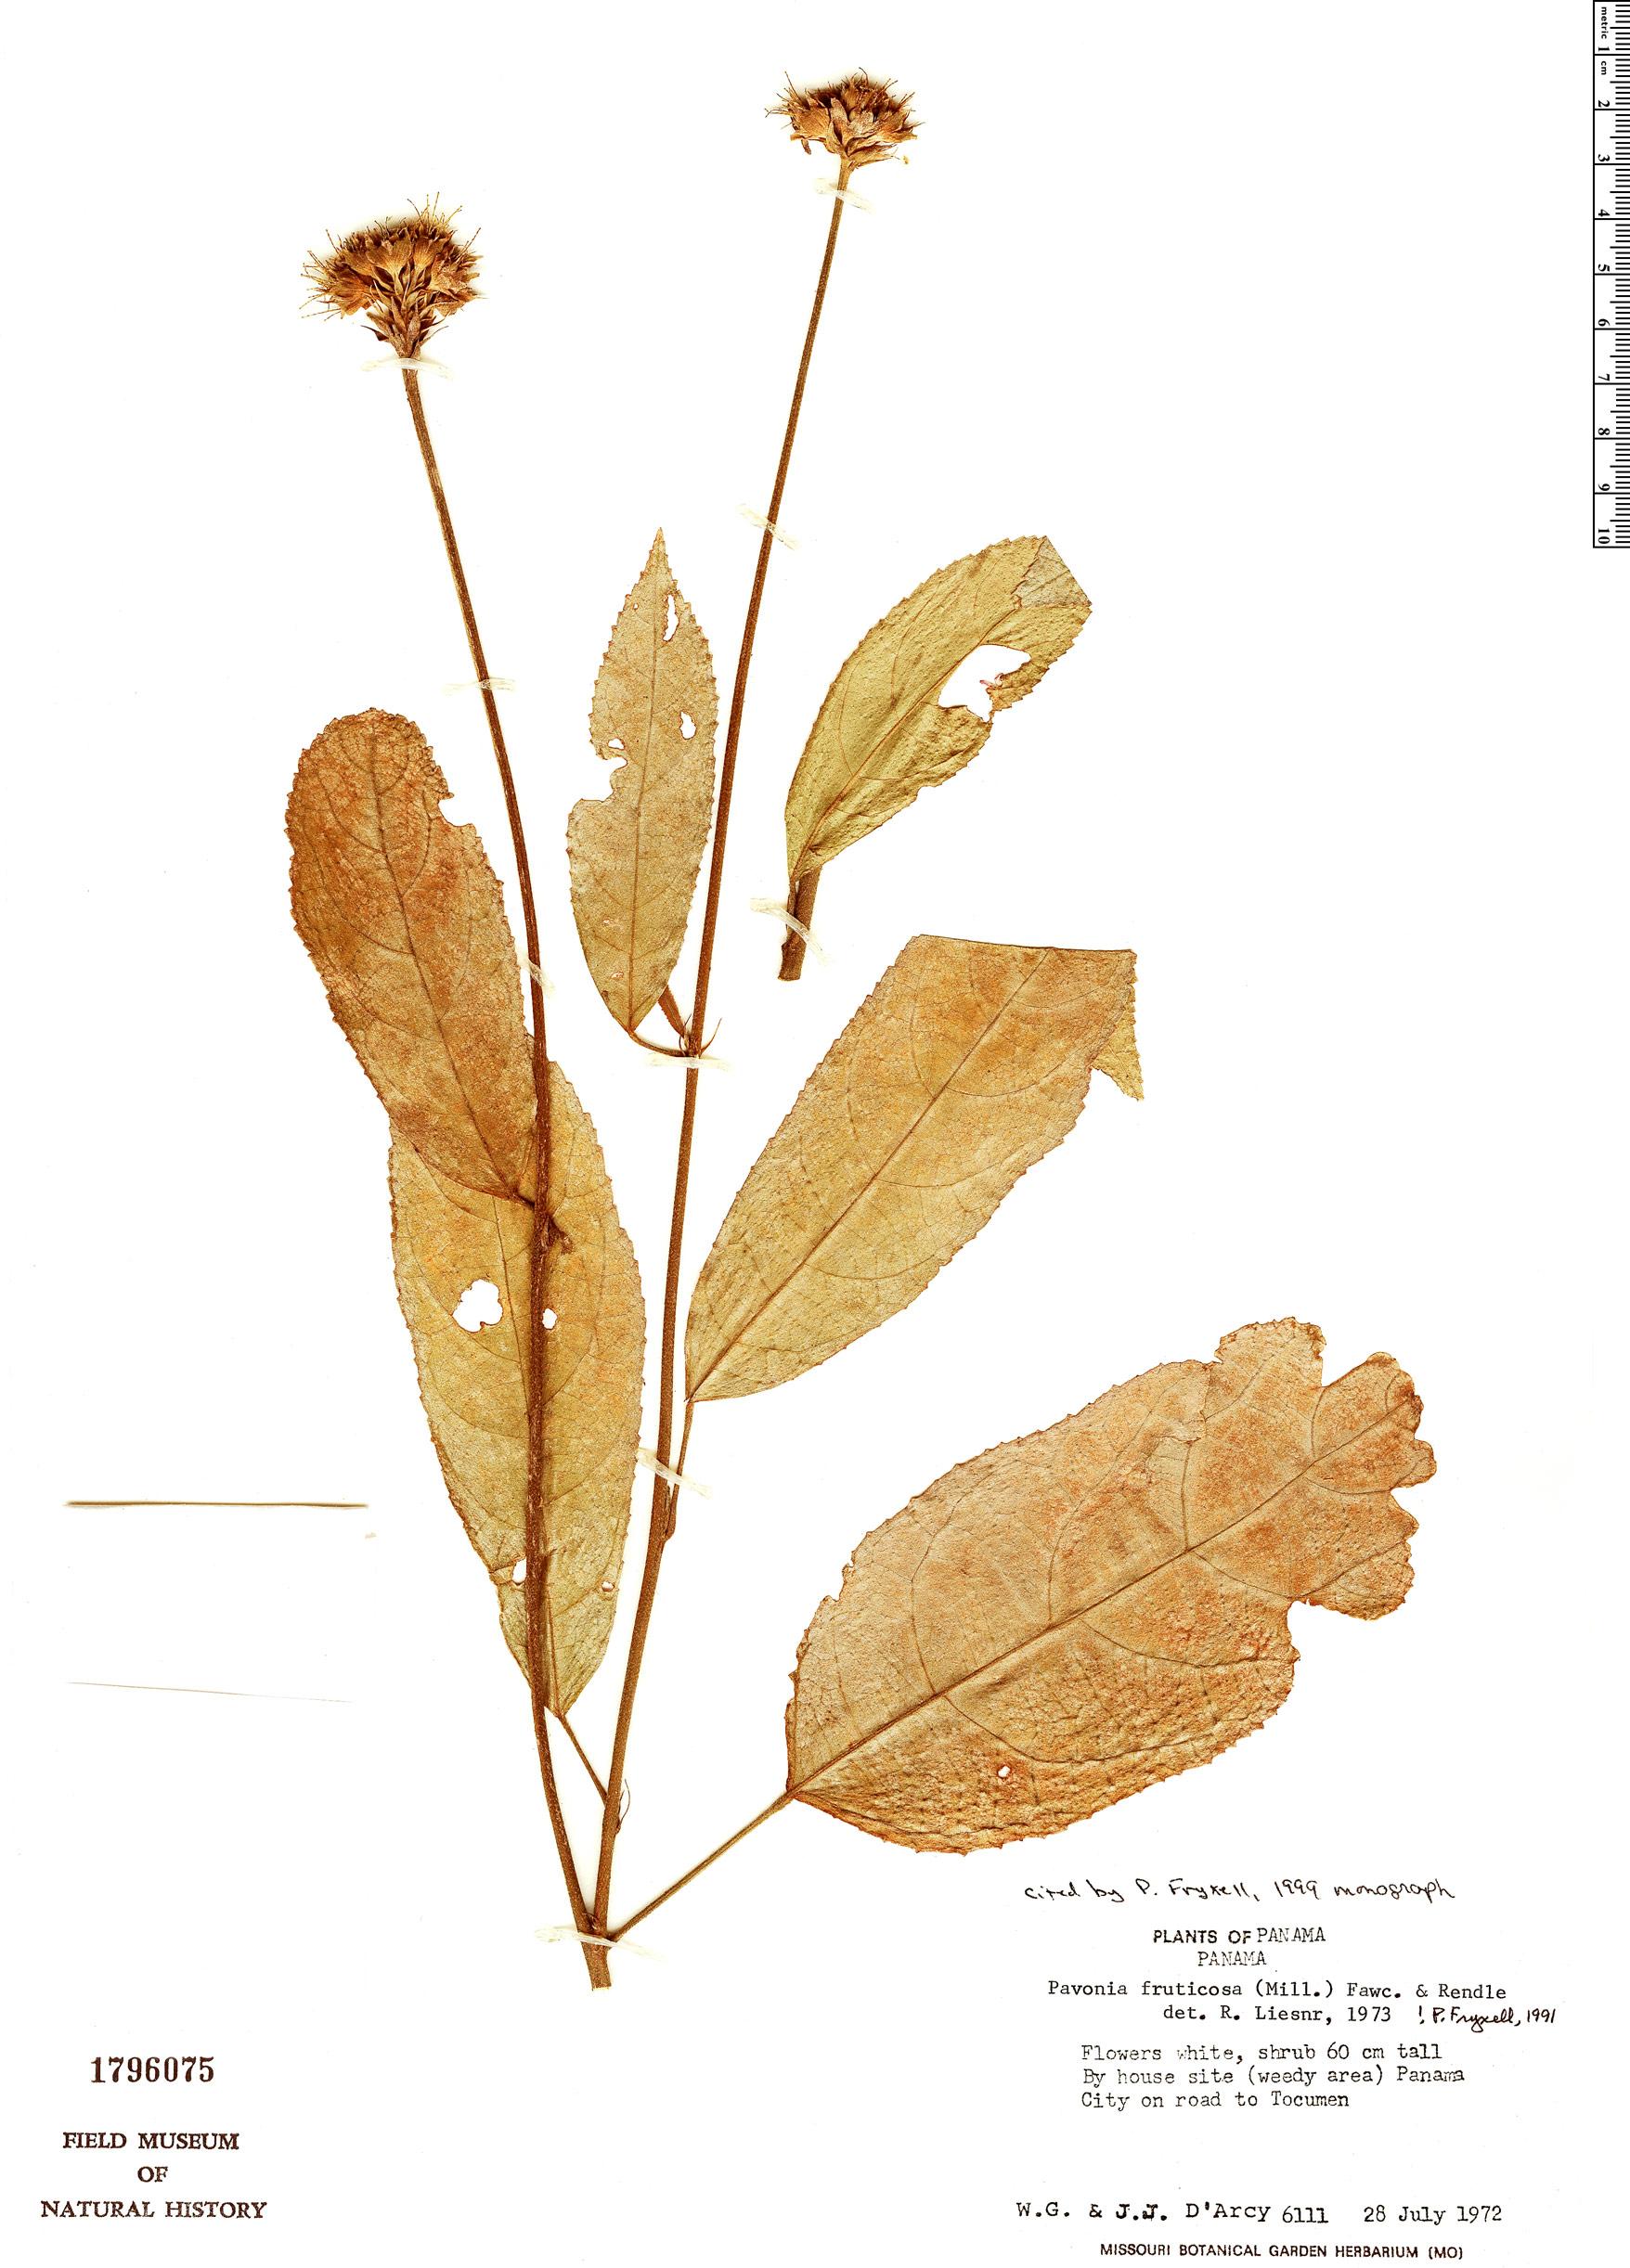 Specimen: Pavonia fruticosa